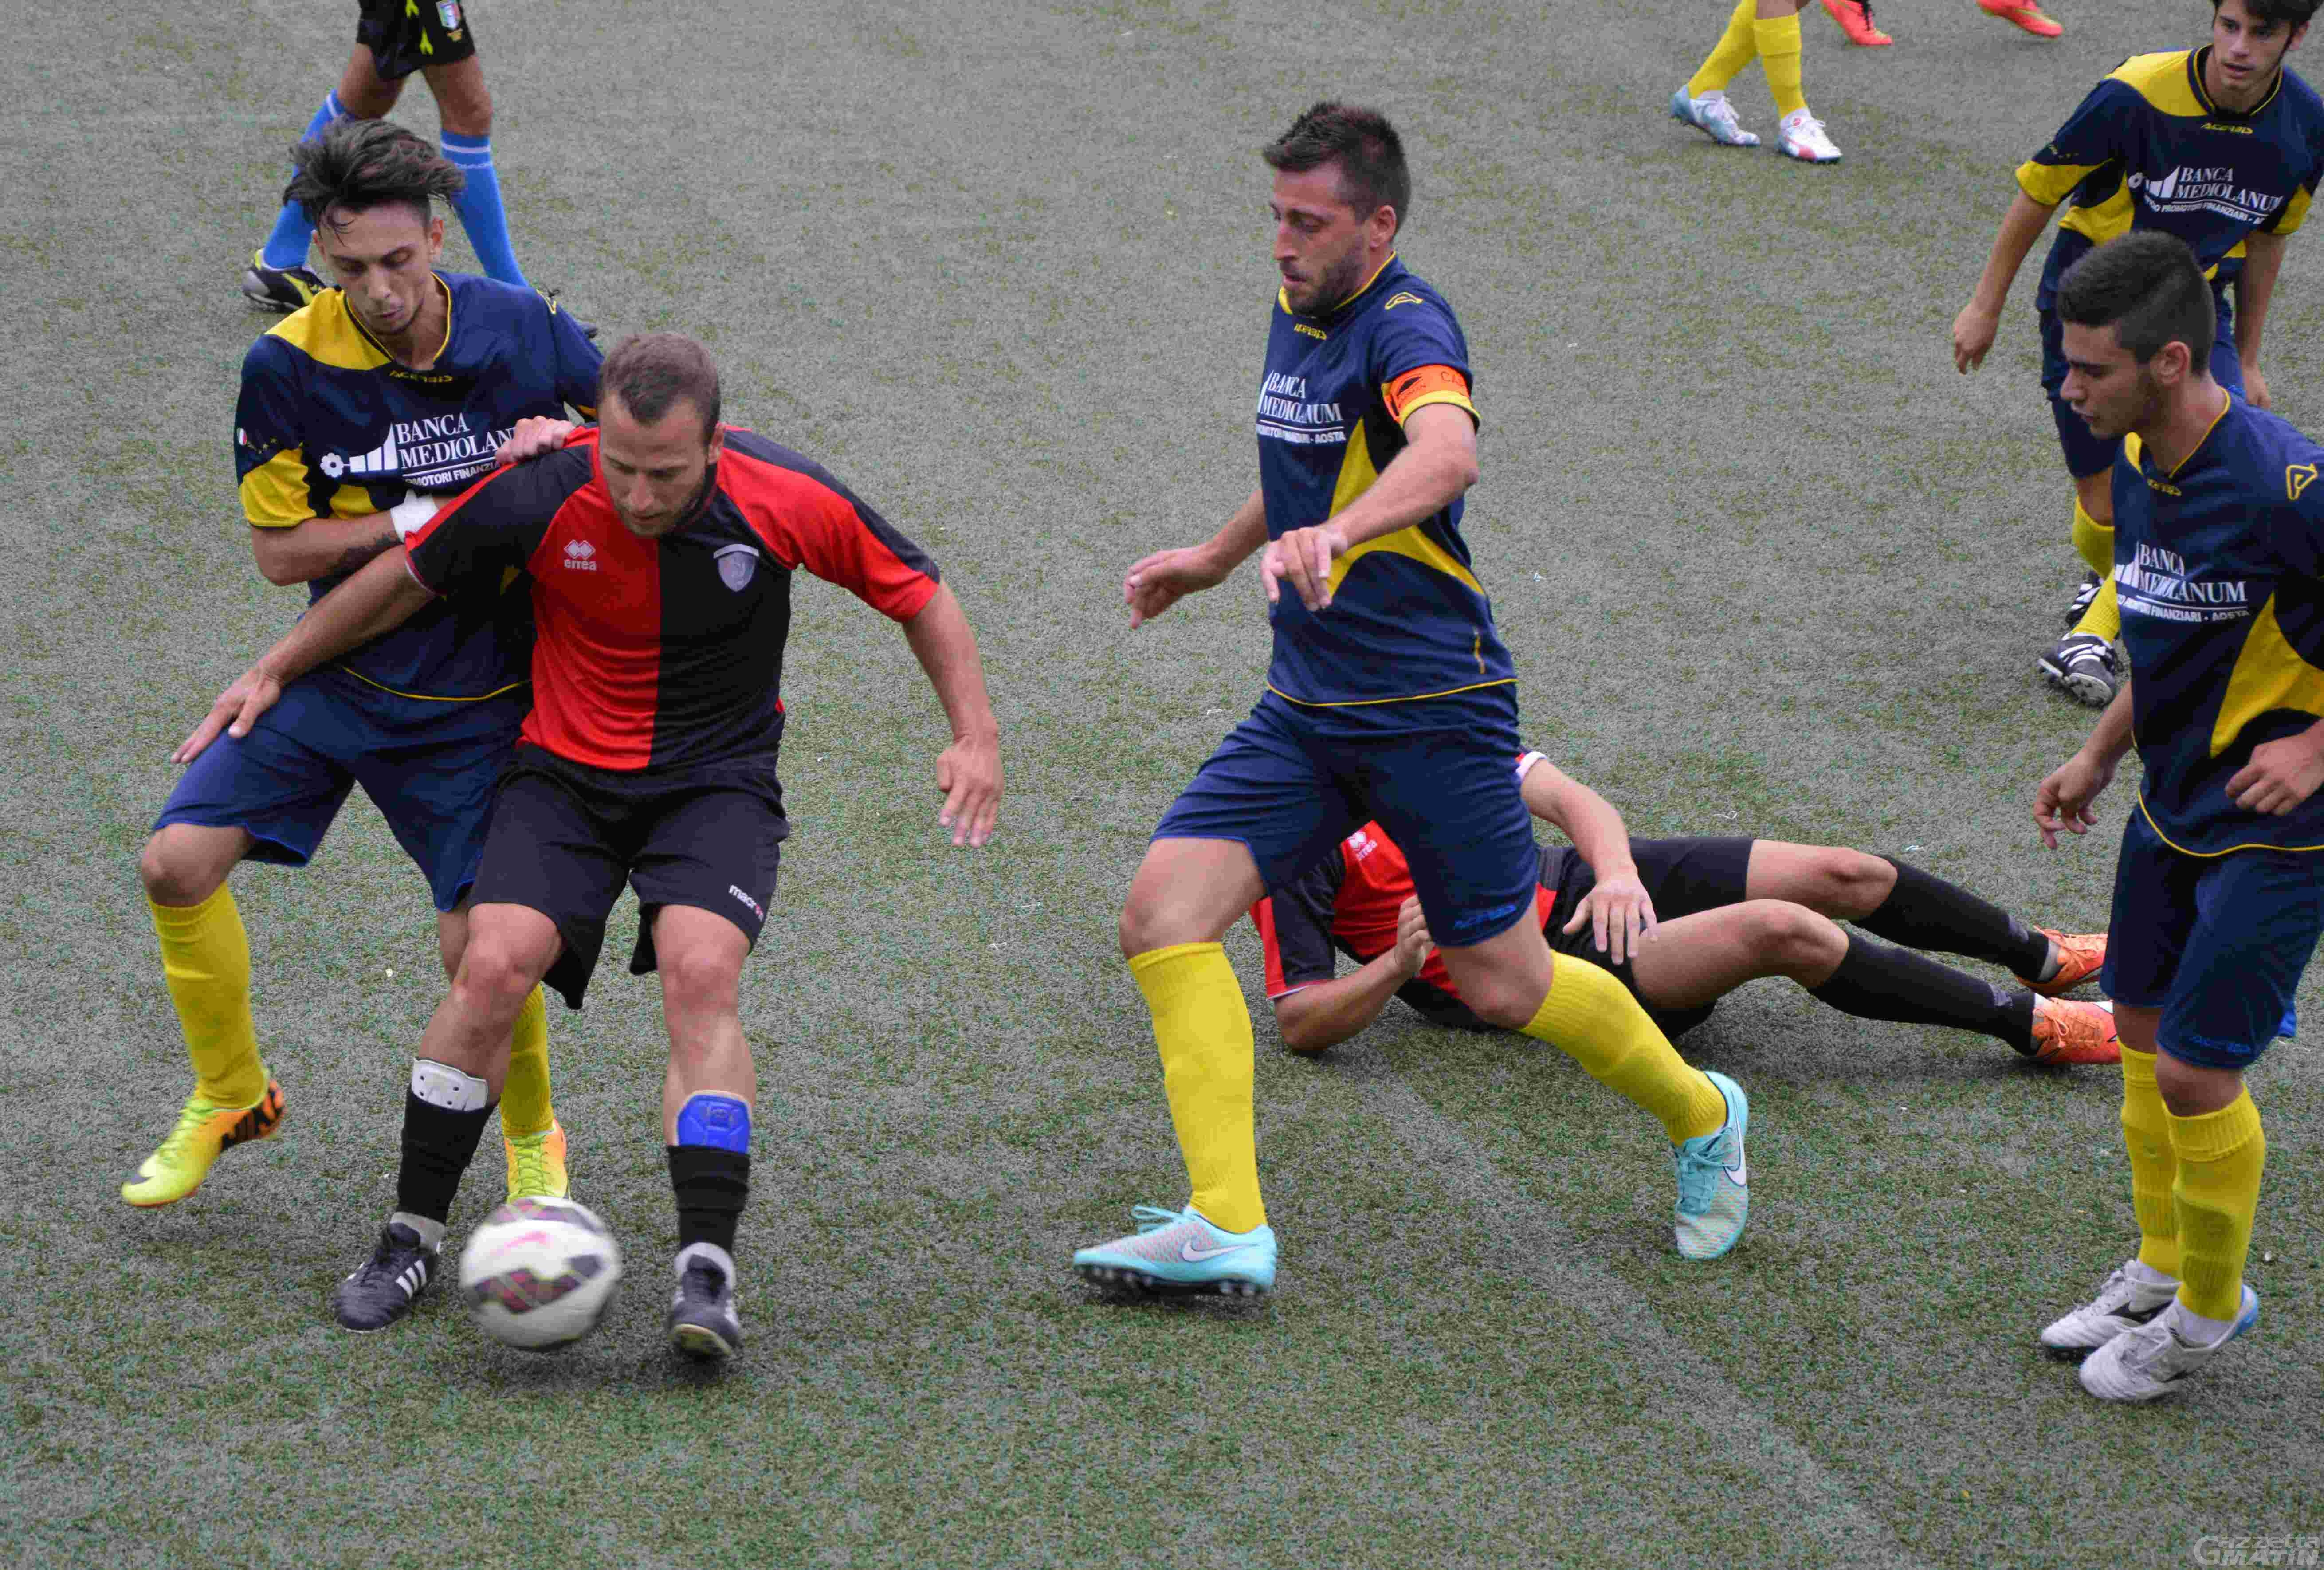 Calcio: lo Charva aspetta un Aygre incompleto